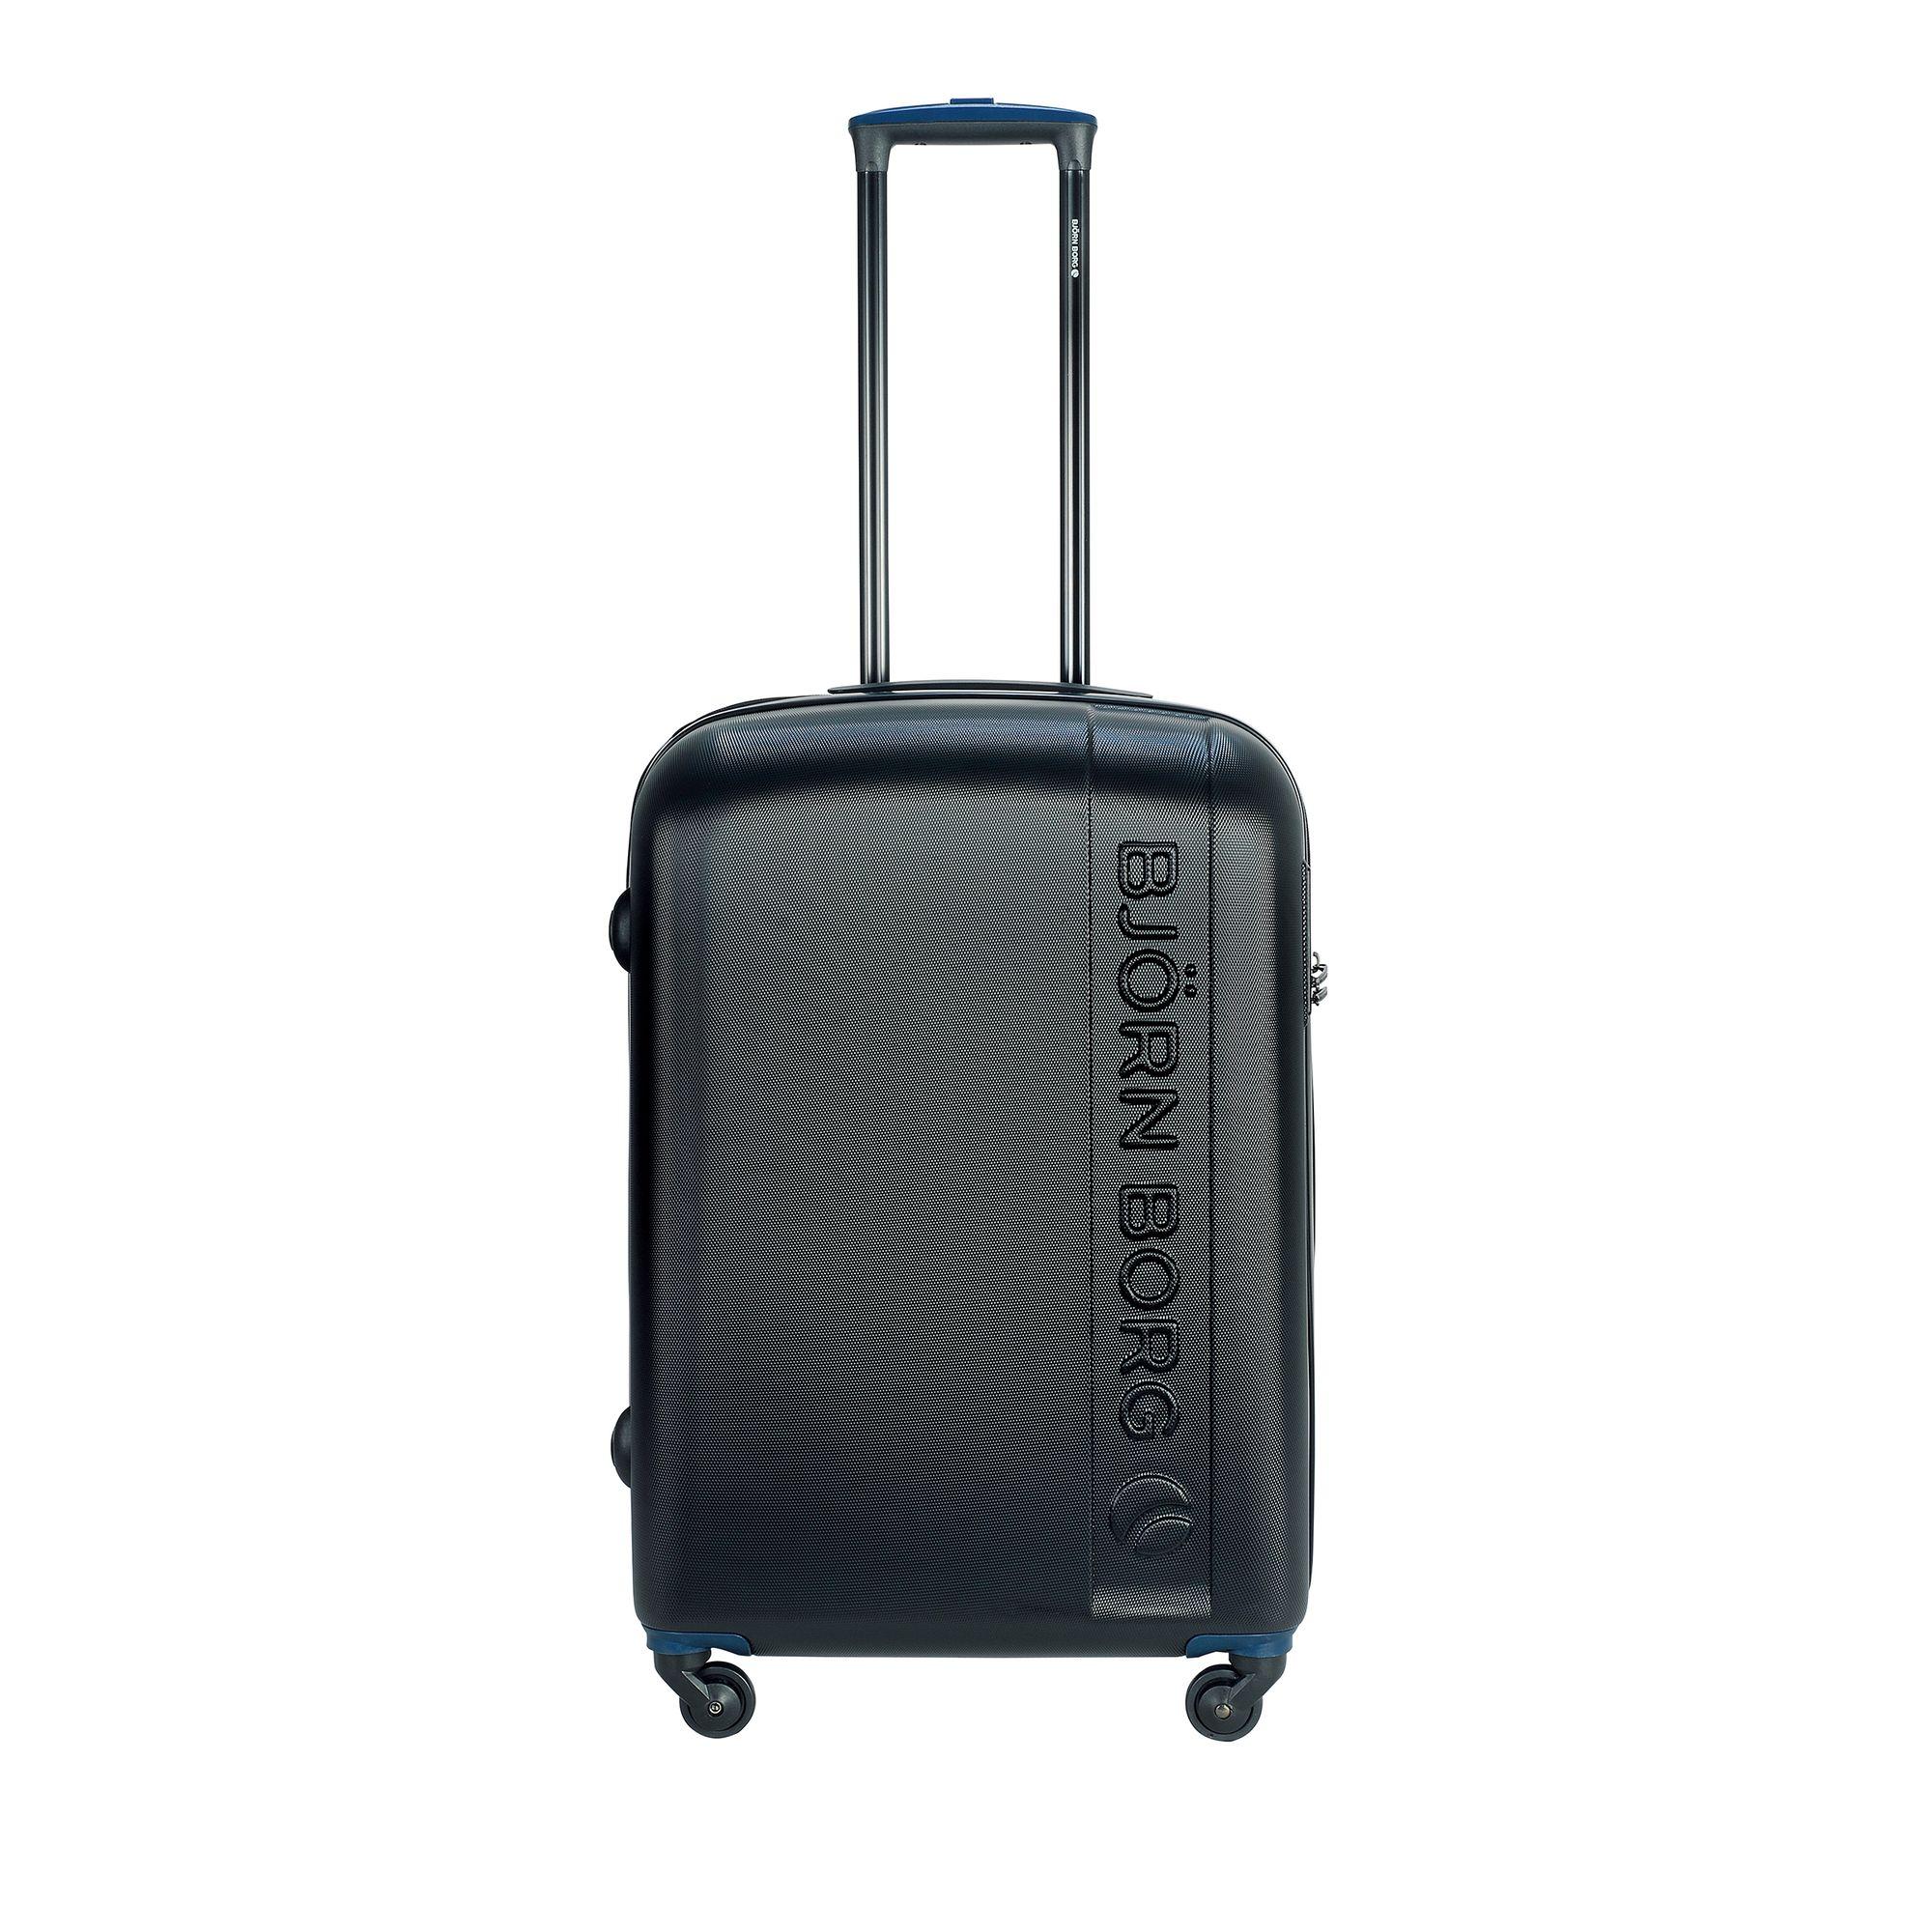 Björn Borg Hot Solid resväska med 4 hjul, 55/65/78 cm, Svart, 67cm